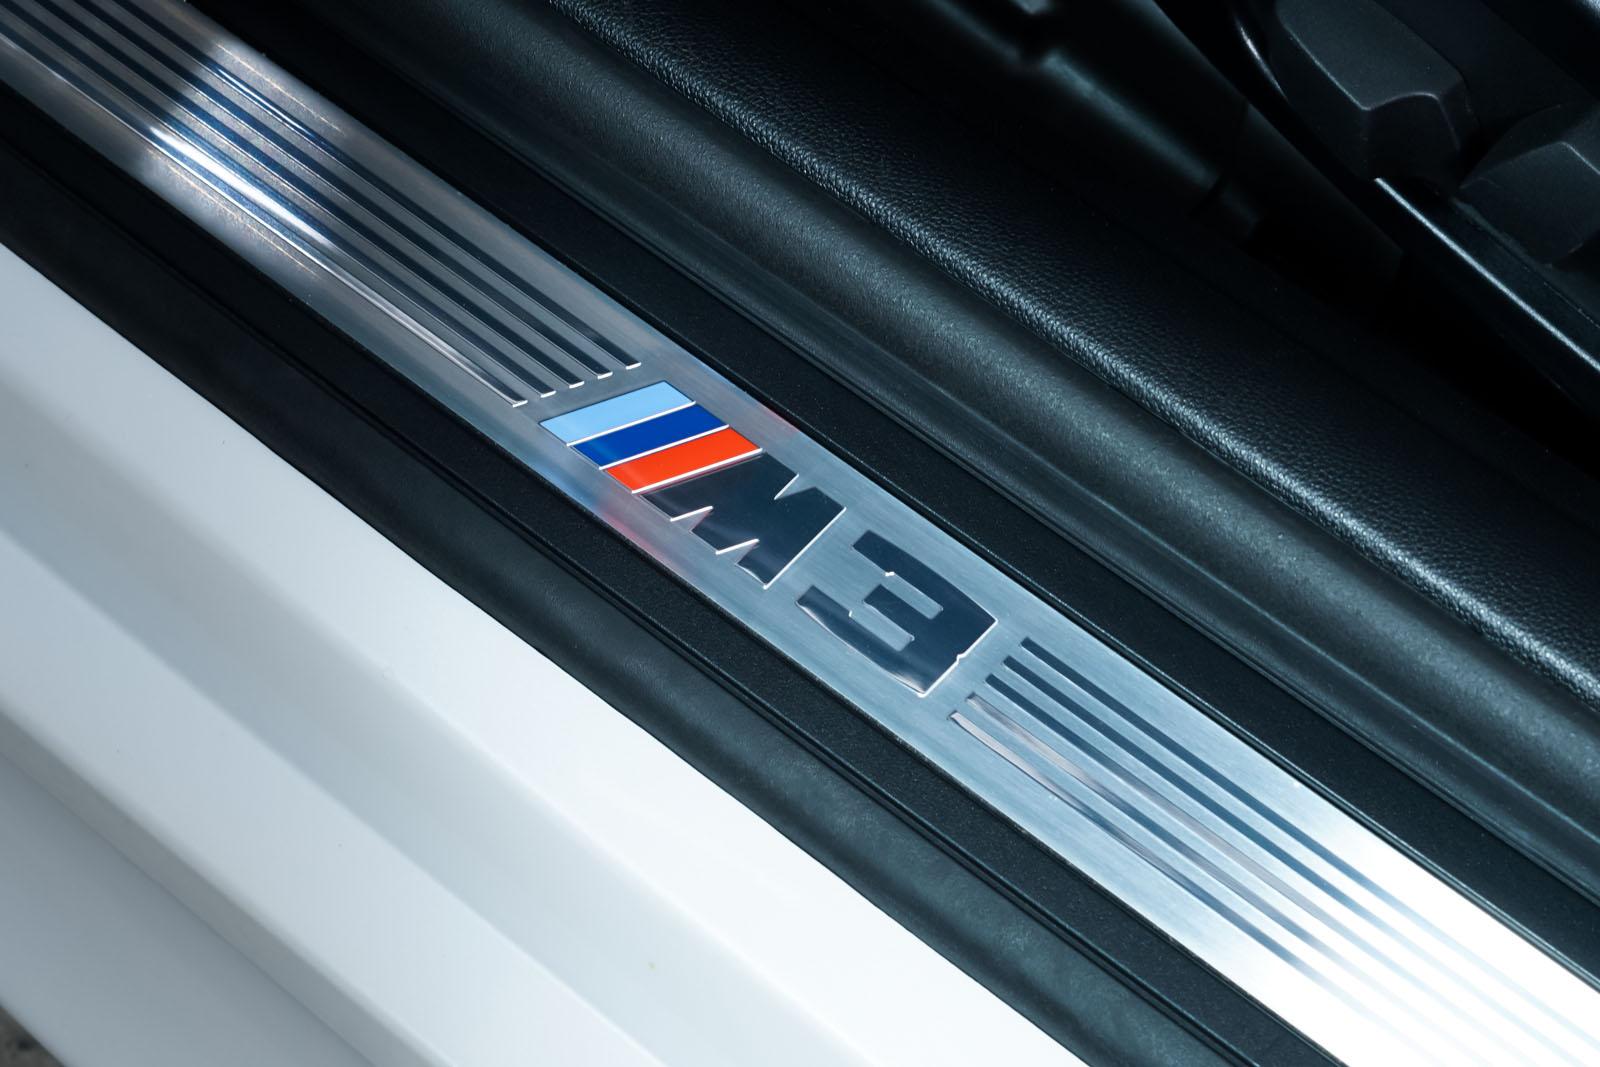 BMW_M3_Cabrio_Weiß_Schwarz_BMW-5973_10_w